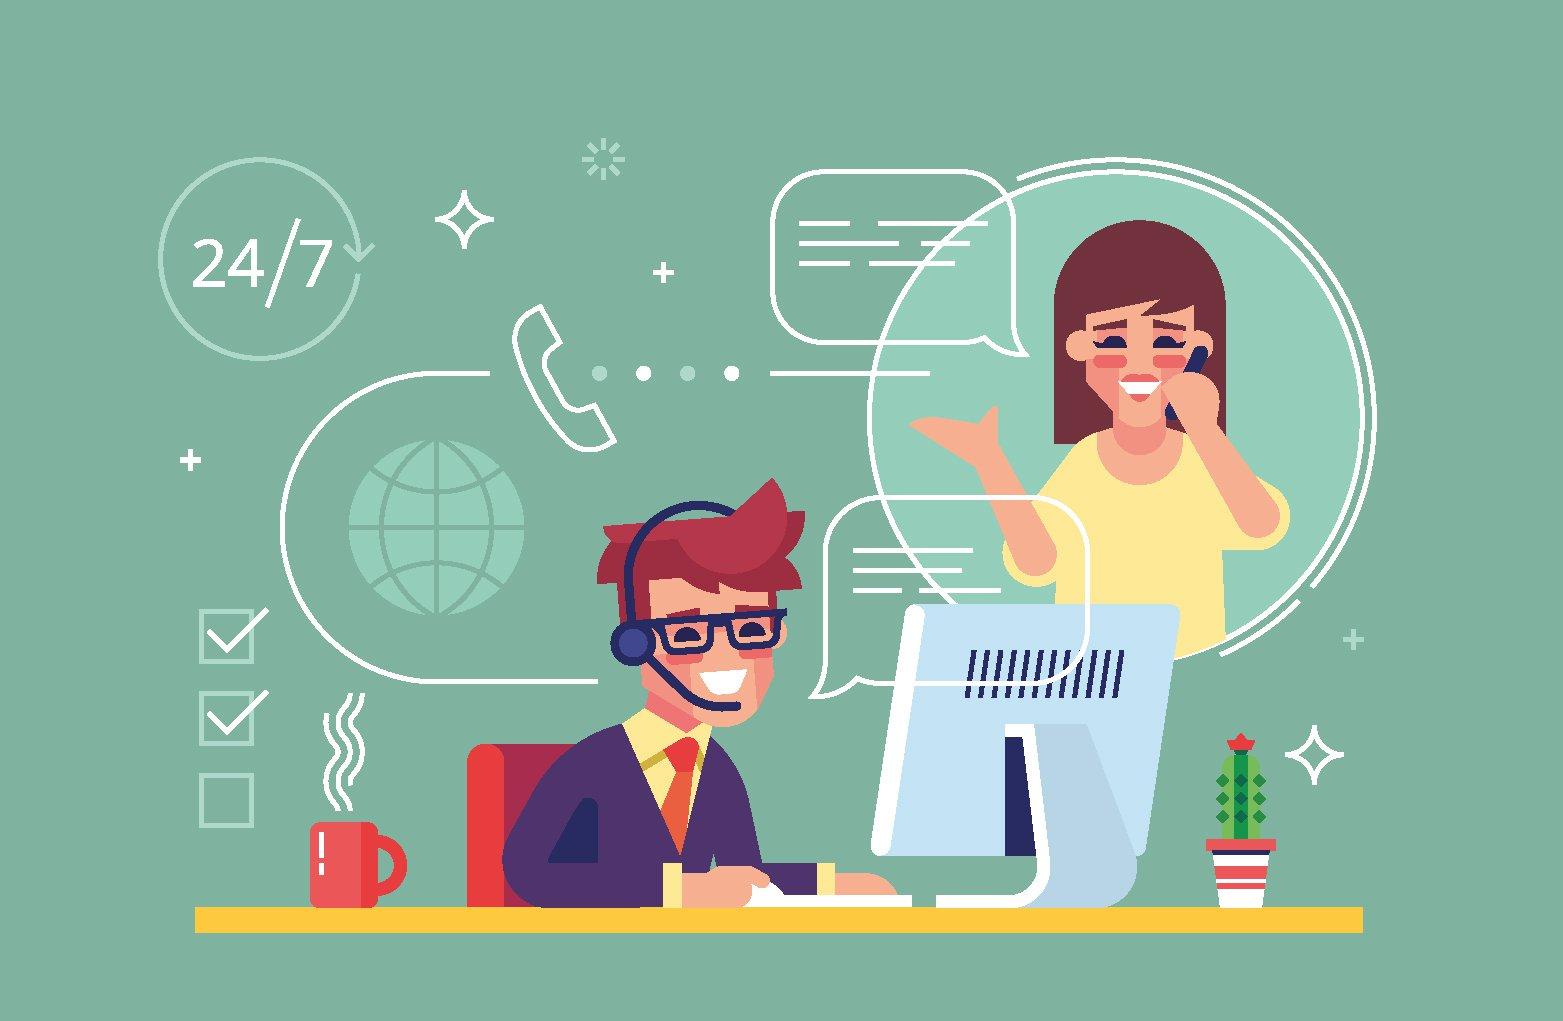 Los principales retos de servicio al cliente que enfrentan las empresas